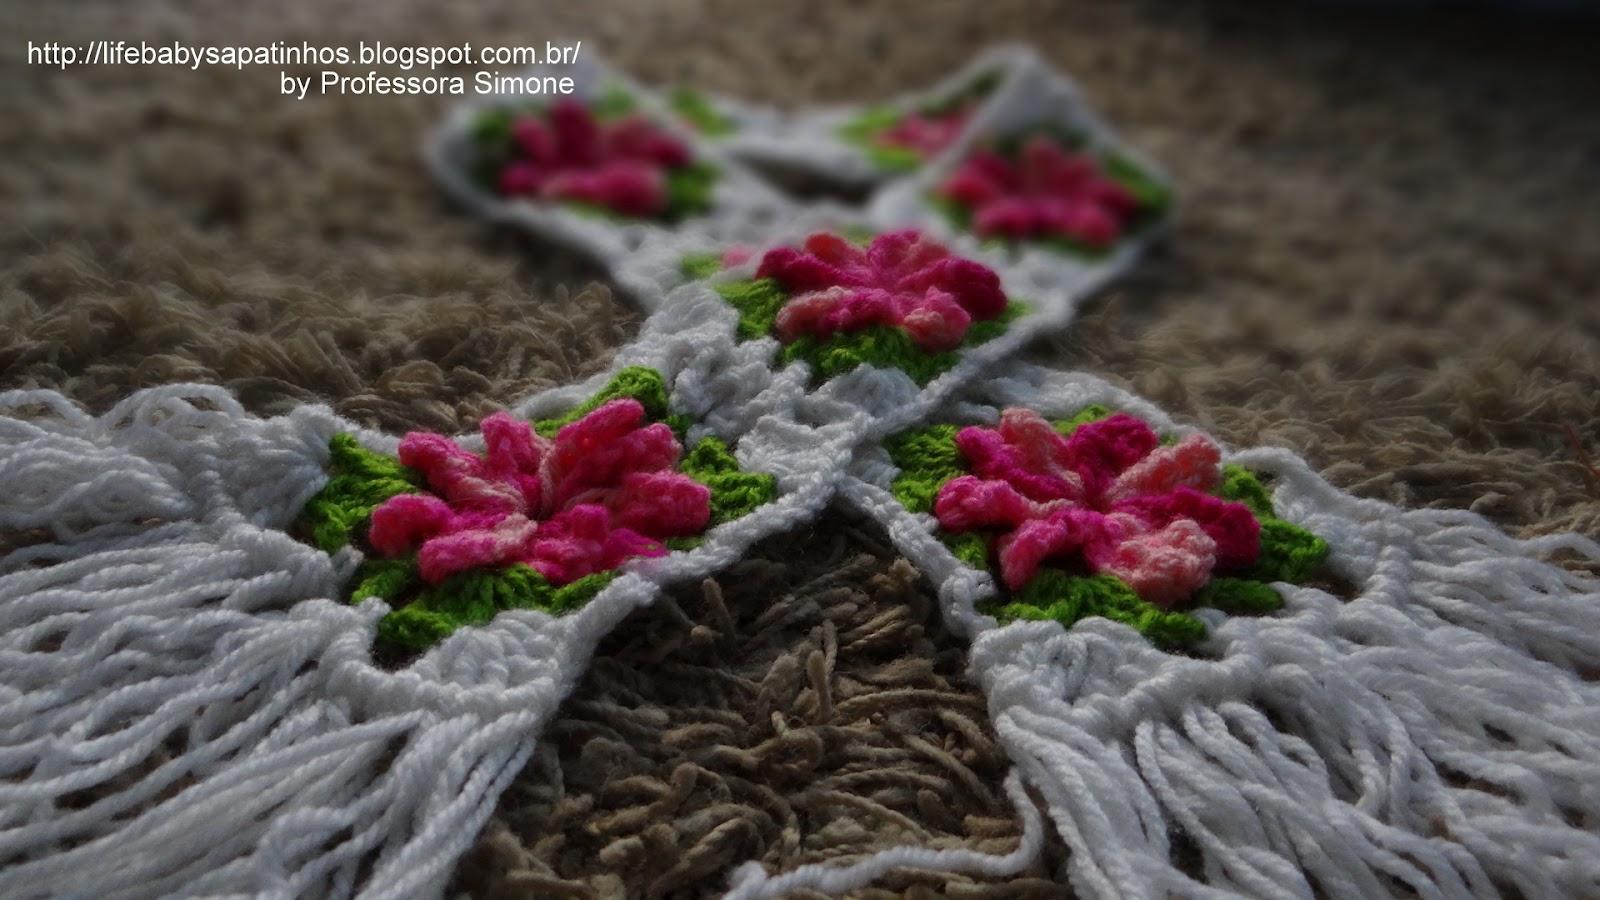 Franja no Crochê | Ateliê do Crochê